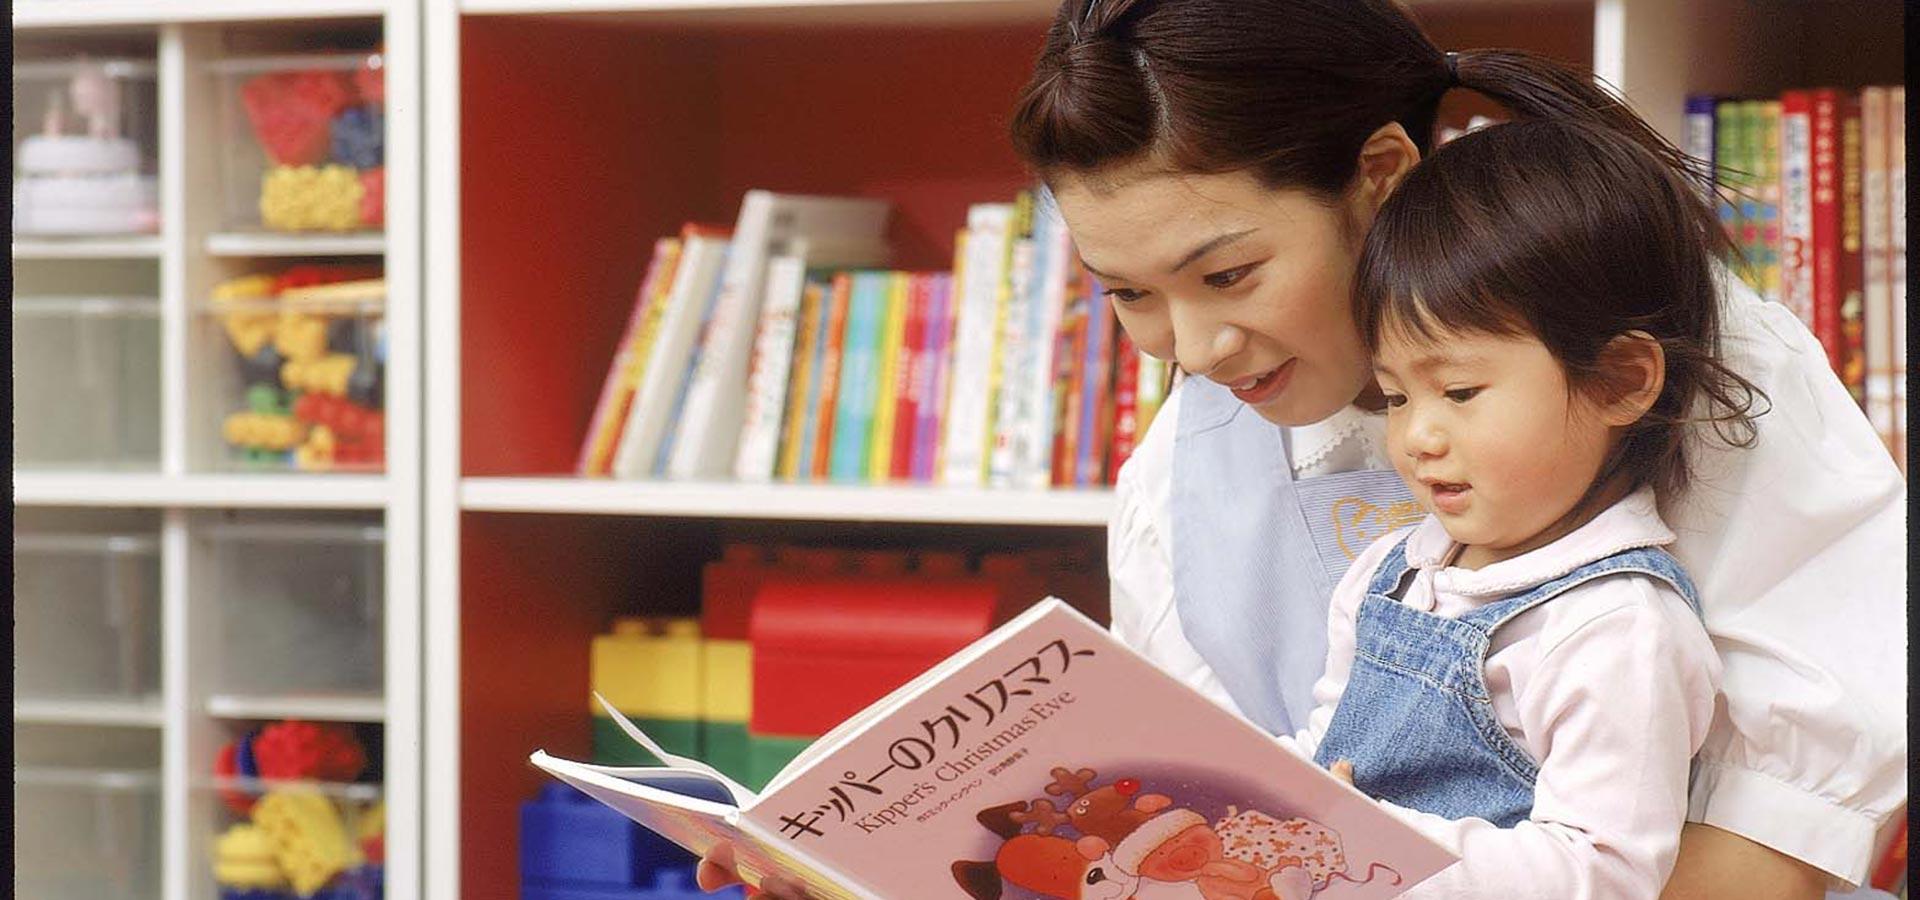 Dakko Room – Day Care Services for Children